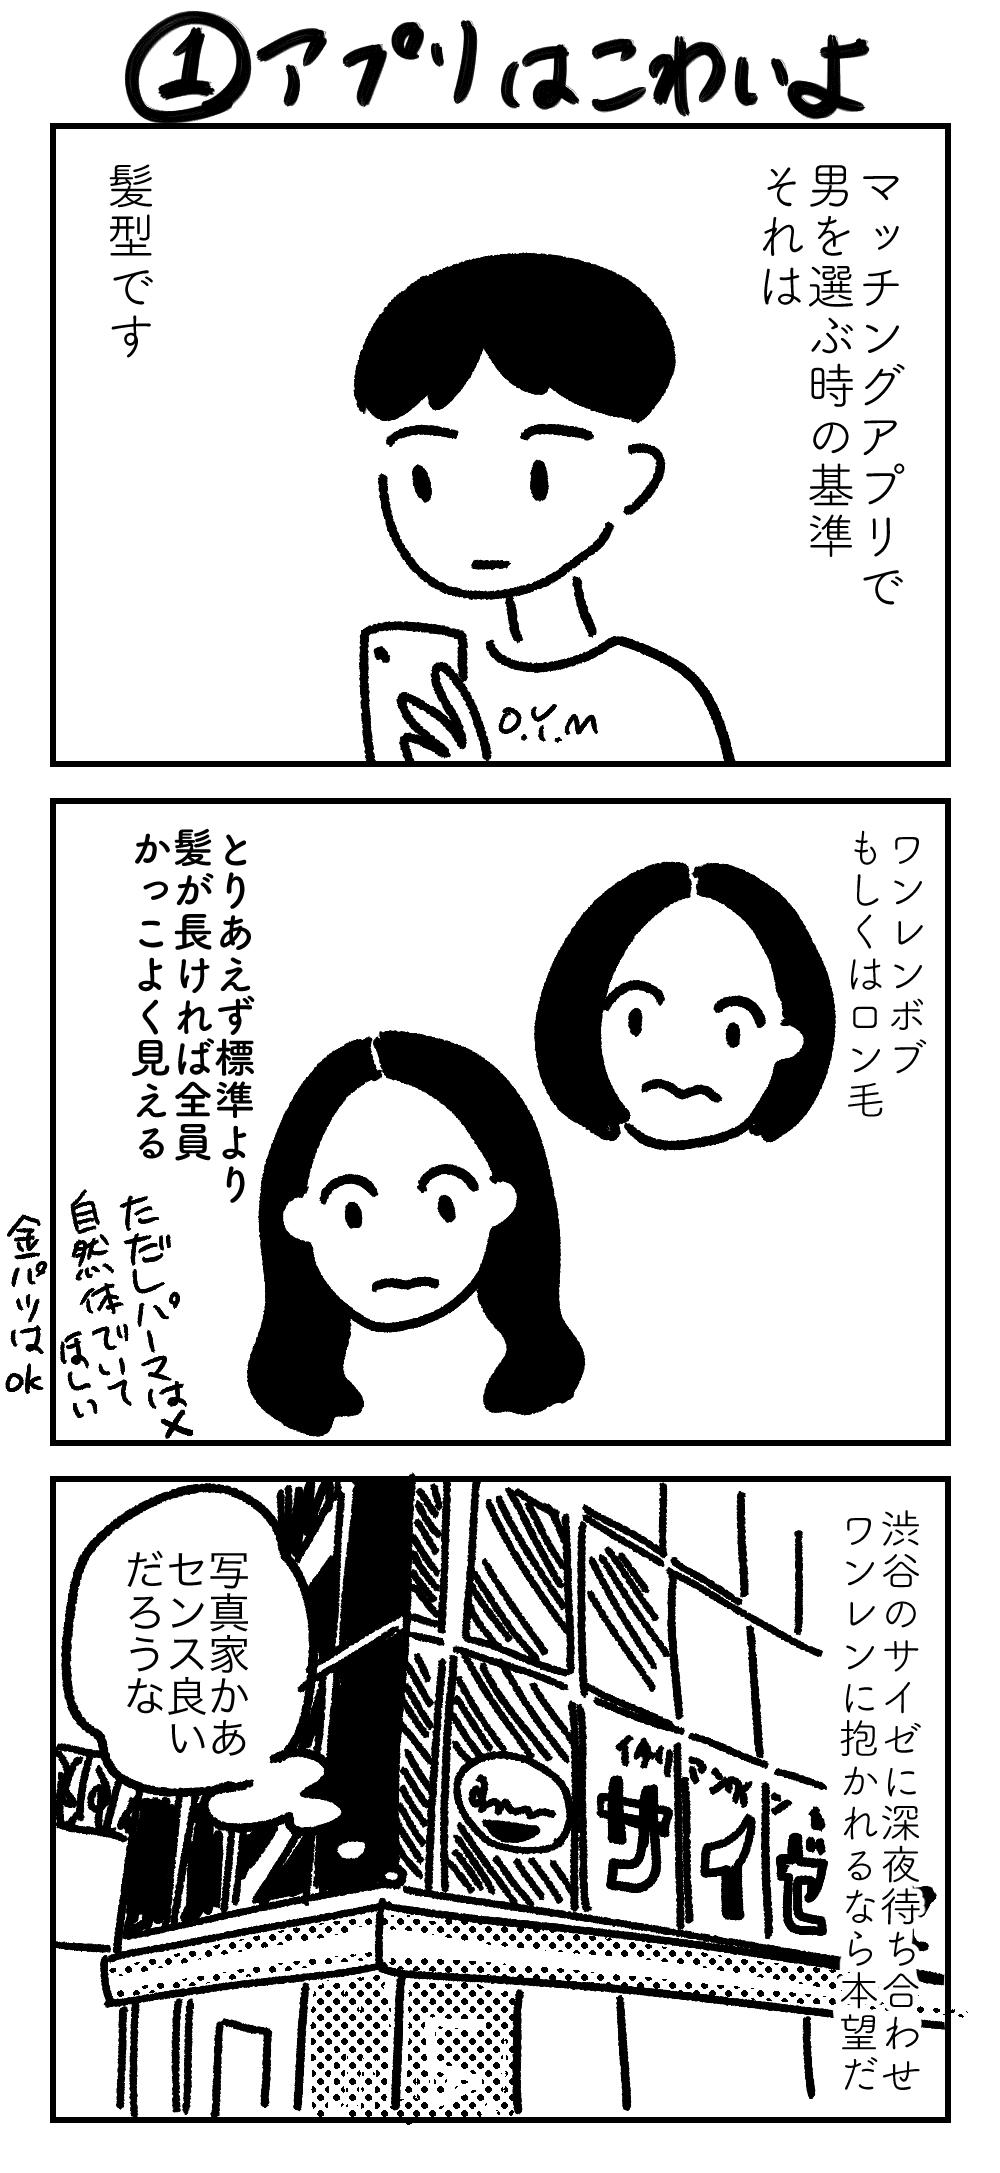 マンガ1ページ目